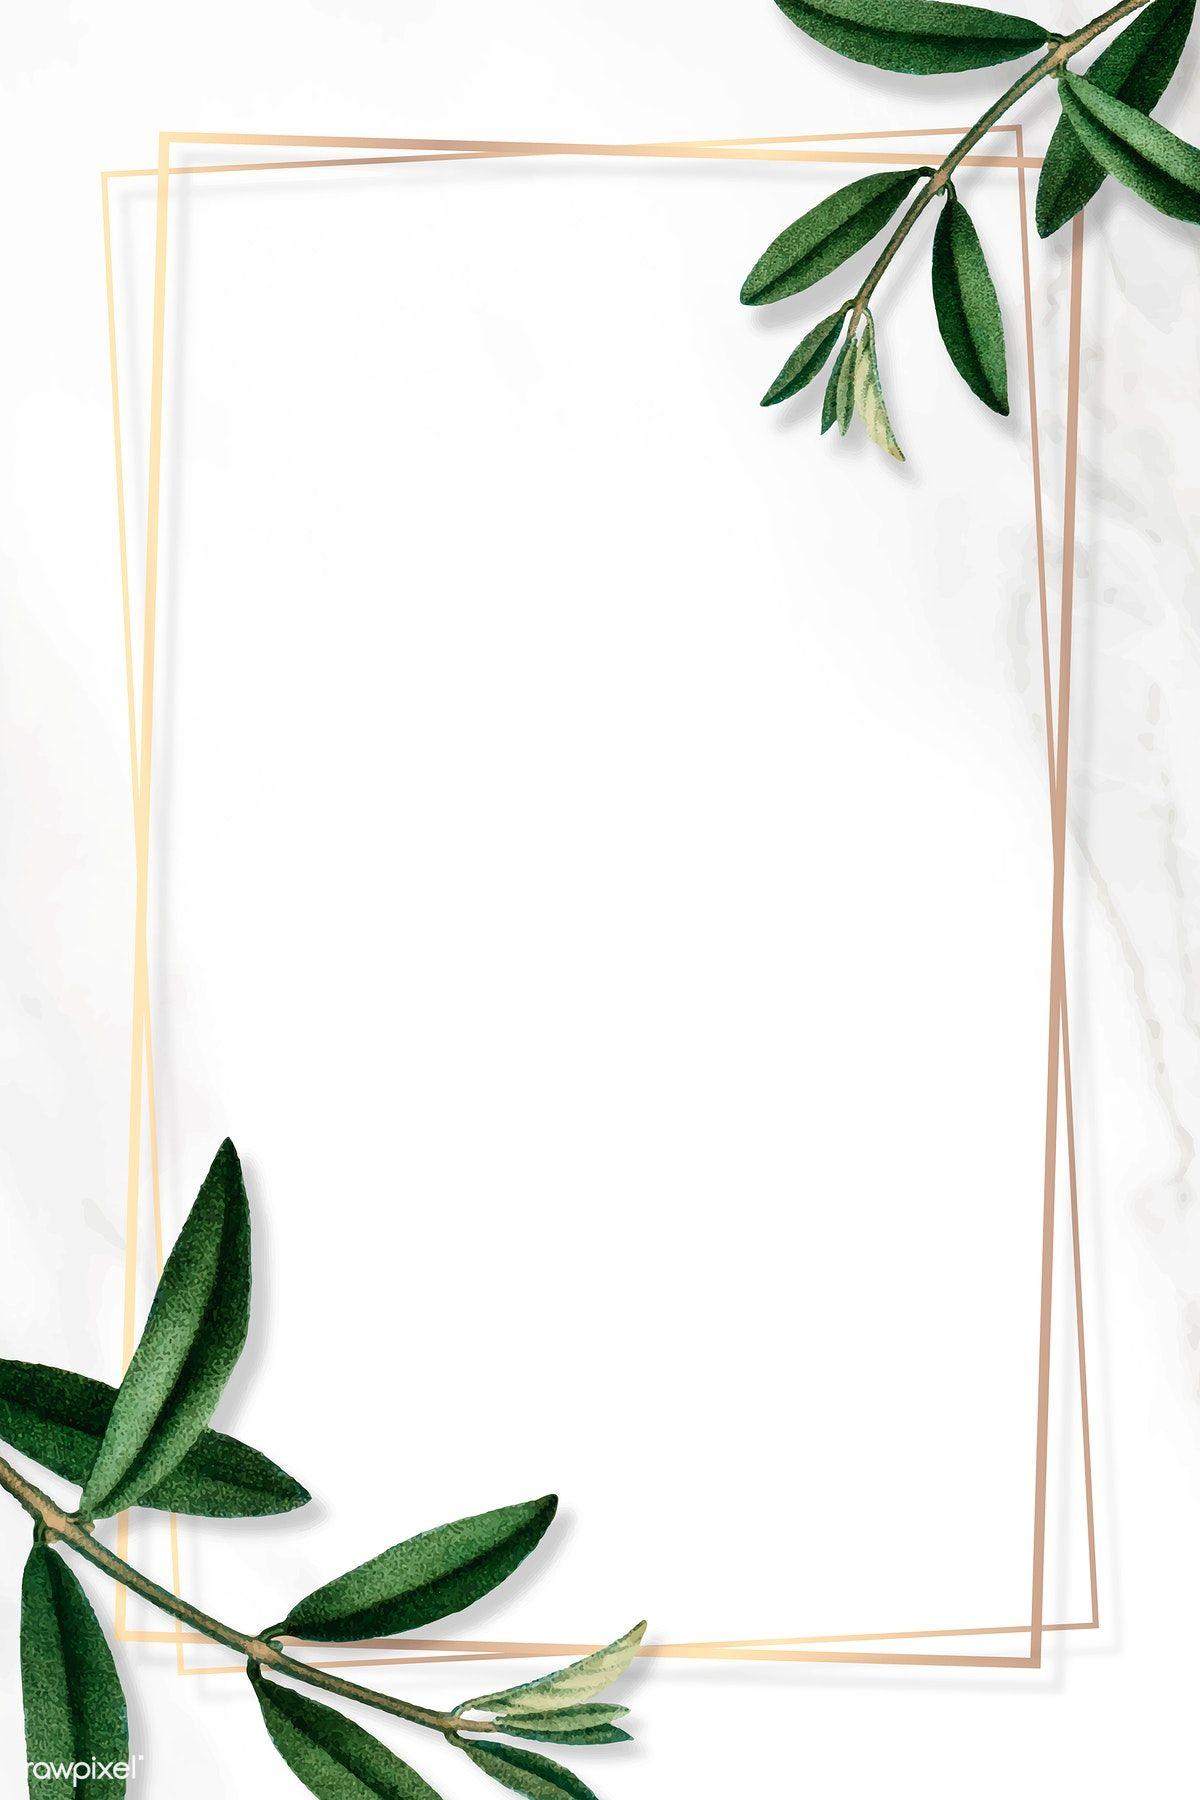 Download Premium Vector Of Gold Frame With Green Leaves On White Undangan Perkawinan Kertas Dinding Bingkai Foto